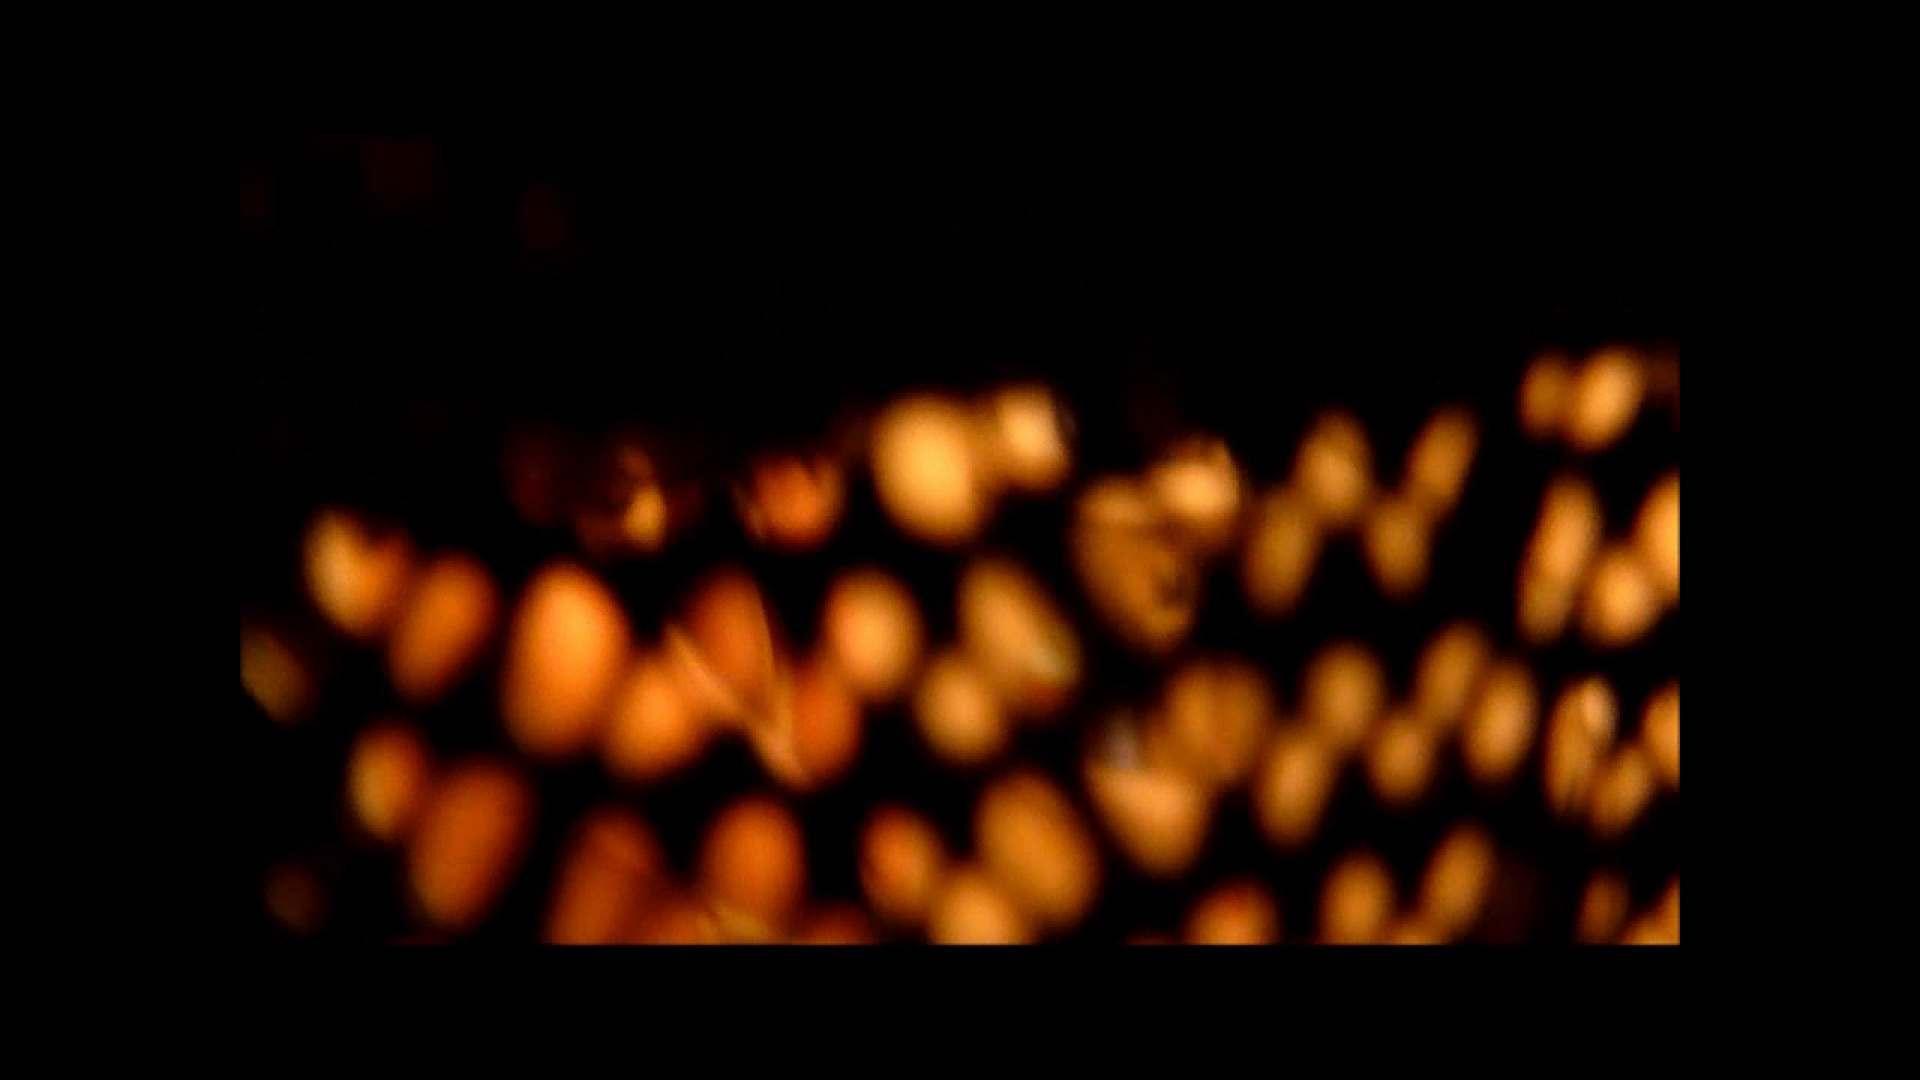 【02】ベランダに侵入して張り込みを始めて・・・やっと結果が出ました。 家宅侵入 | 0  82画像 26